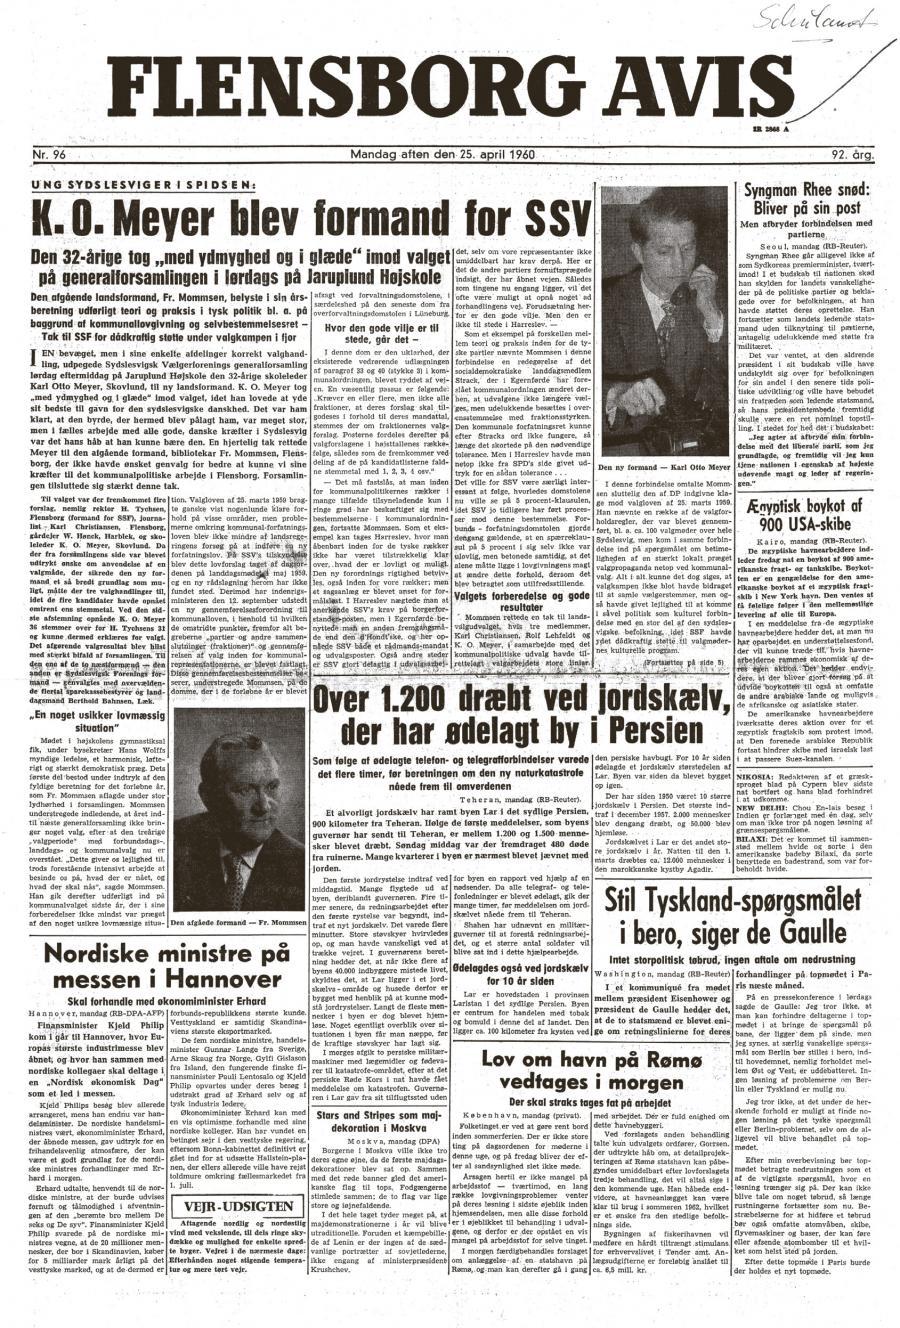 Forsiden af Flensborg Avis den 25. april 1960, dagen efter at Karl Otto Meyer var blevet valgt som formand for SSW, brugte chefredaktør L. P. Christensen en del spalteplads på valget. (Billede: Arkiv Flensborg Avis)